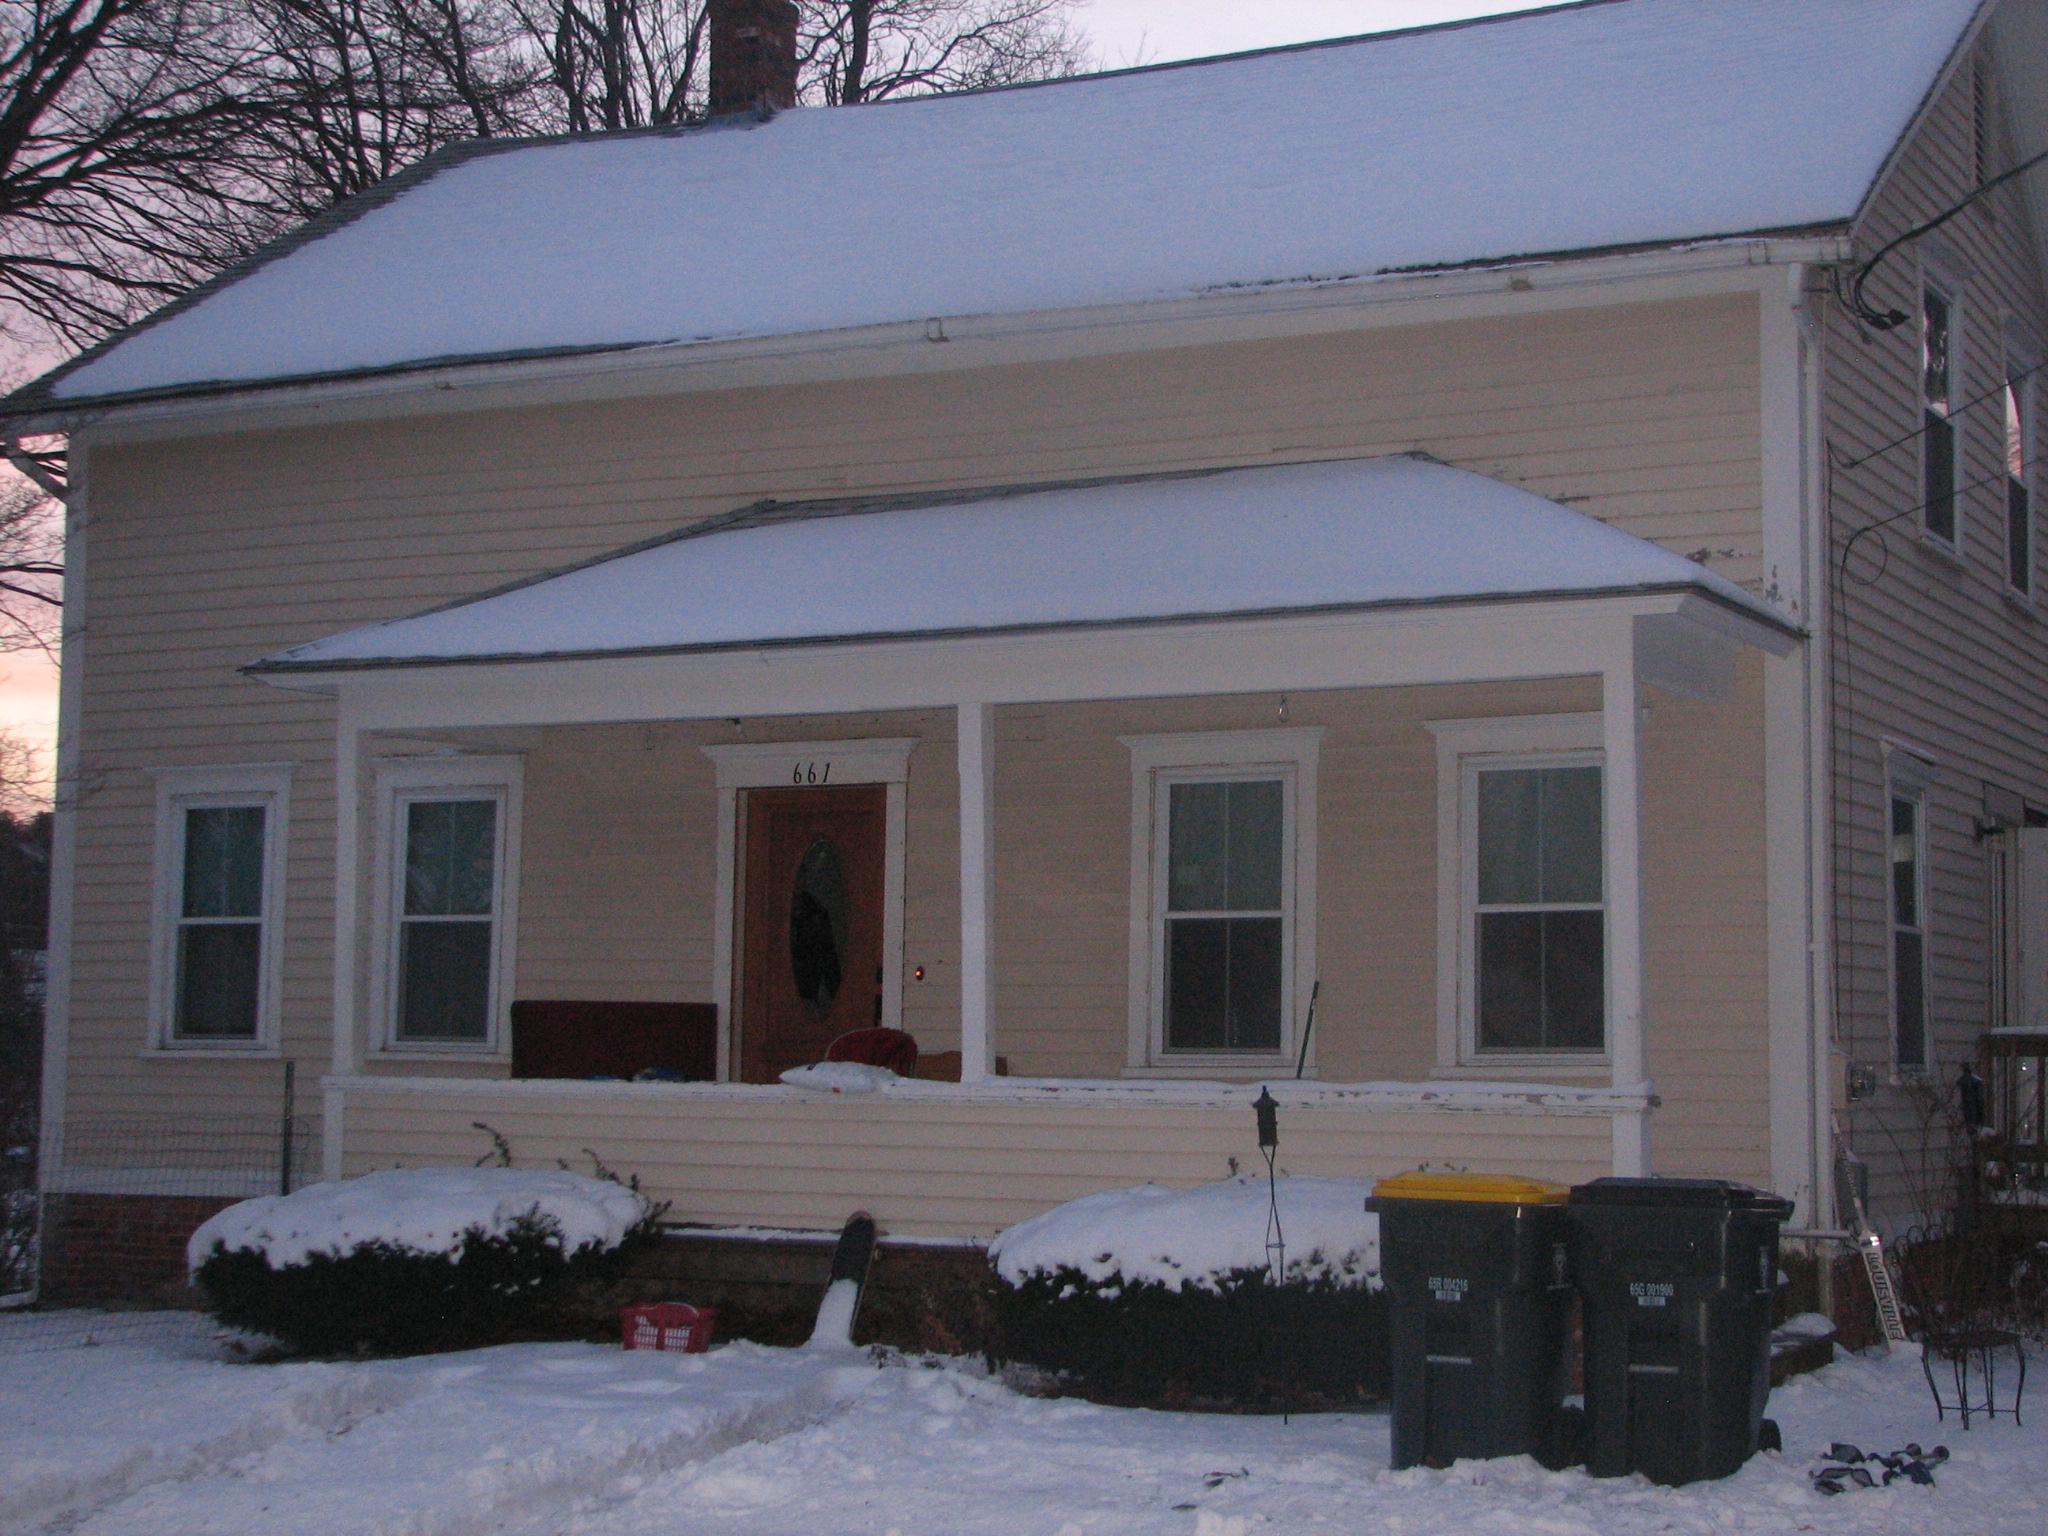 661 WHIPPLE AVE, Burrillville, Rhode Island 02858